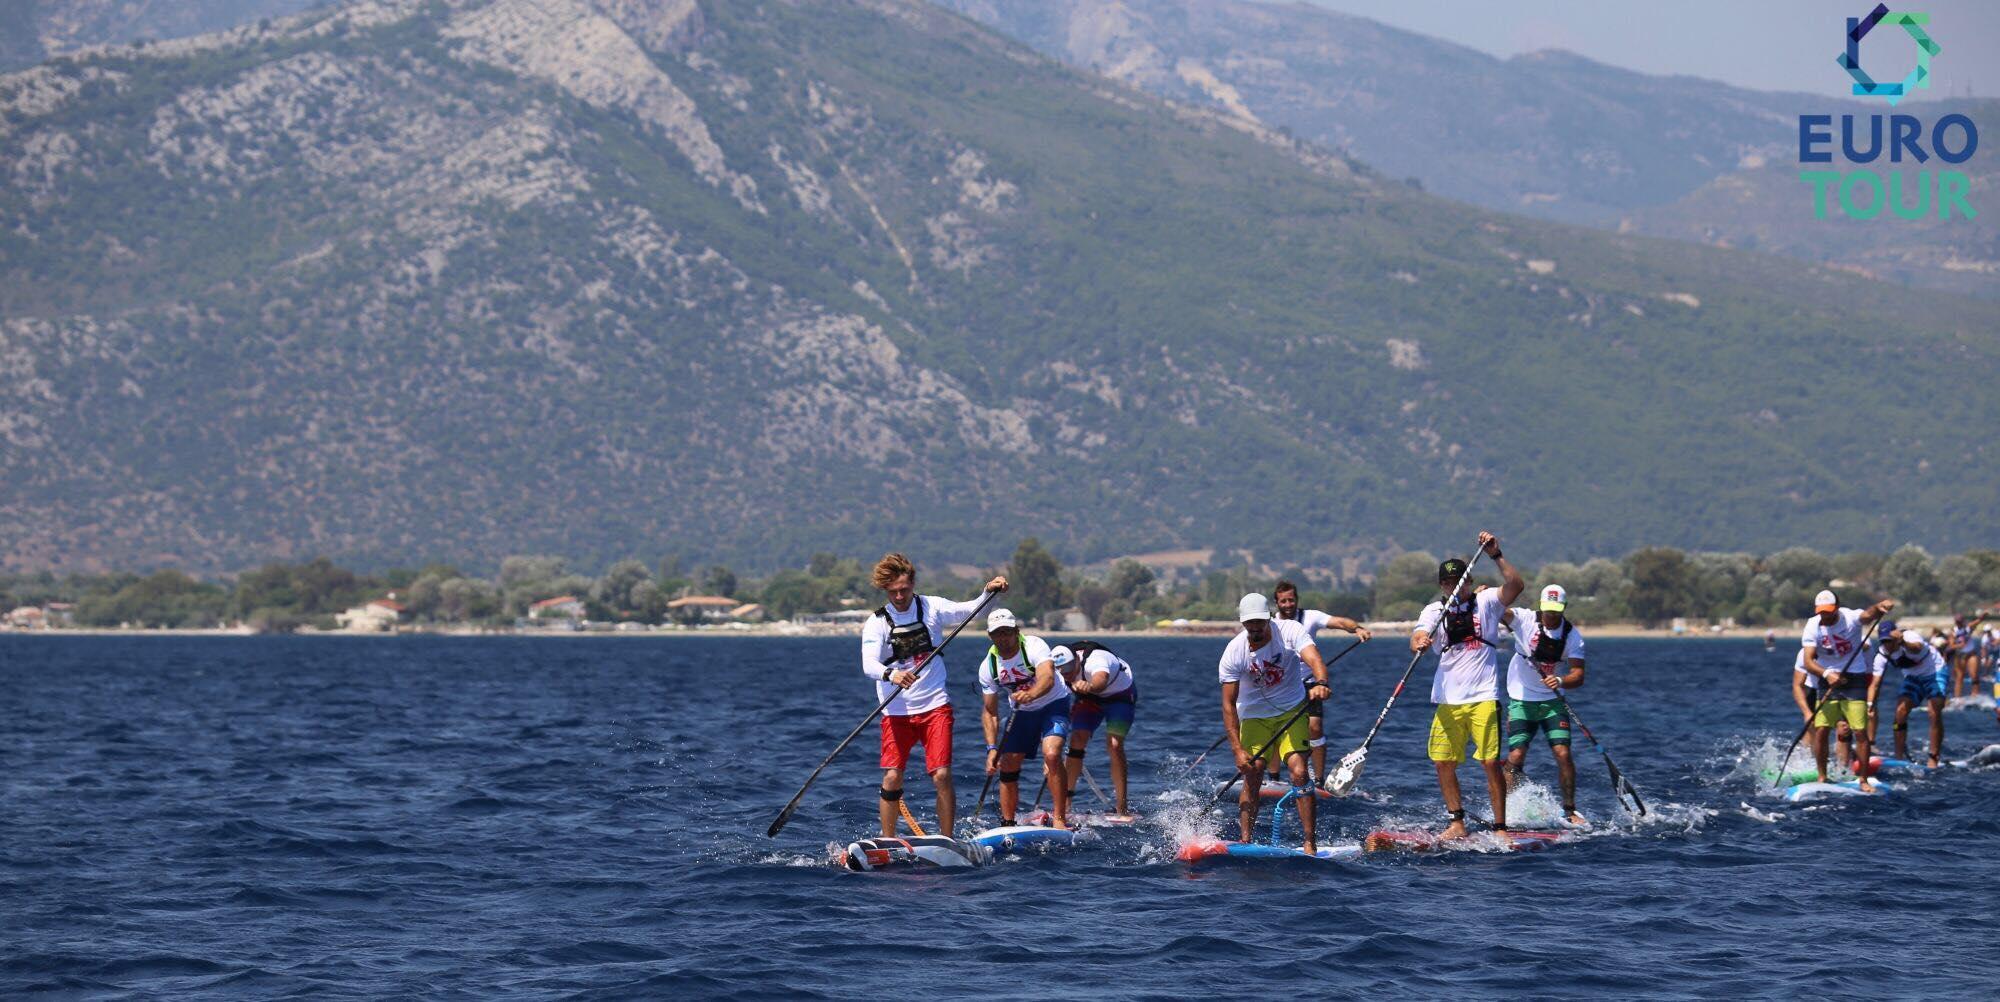 sup-news-italia-action-euro-tour-6